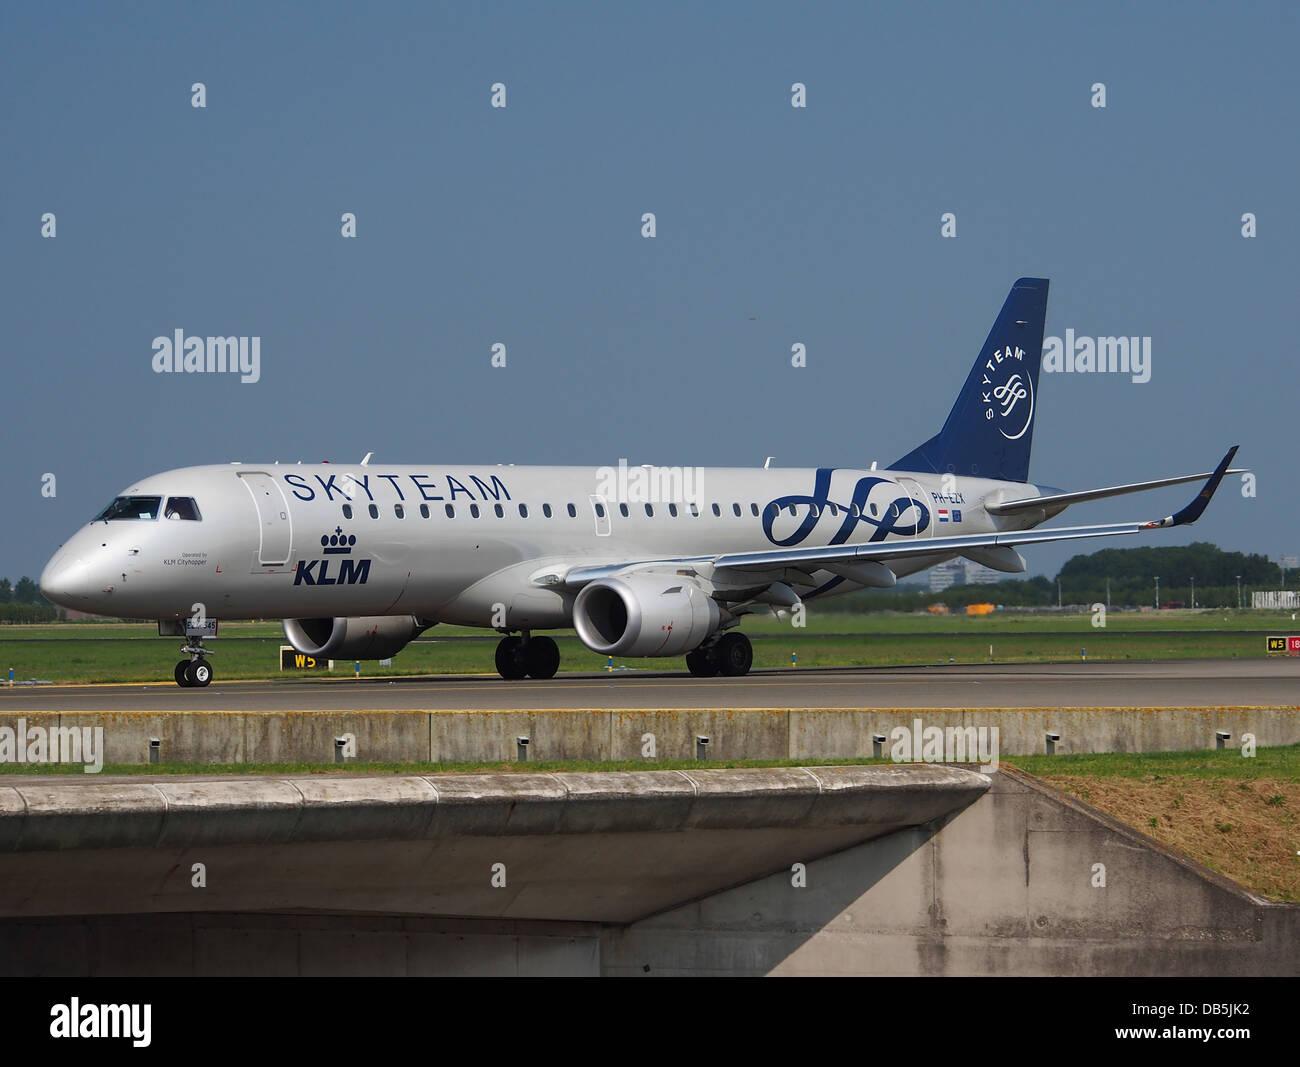 PH-EZX - KLM Cityhopper (Skyteam Livery) Embraer ERJ-190STD (ERJ-190-100) 1 - Stock Image